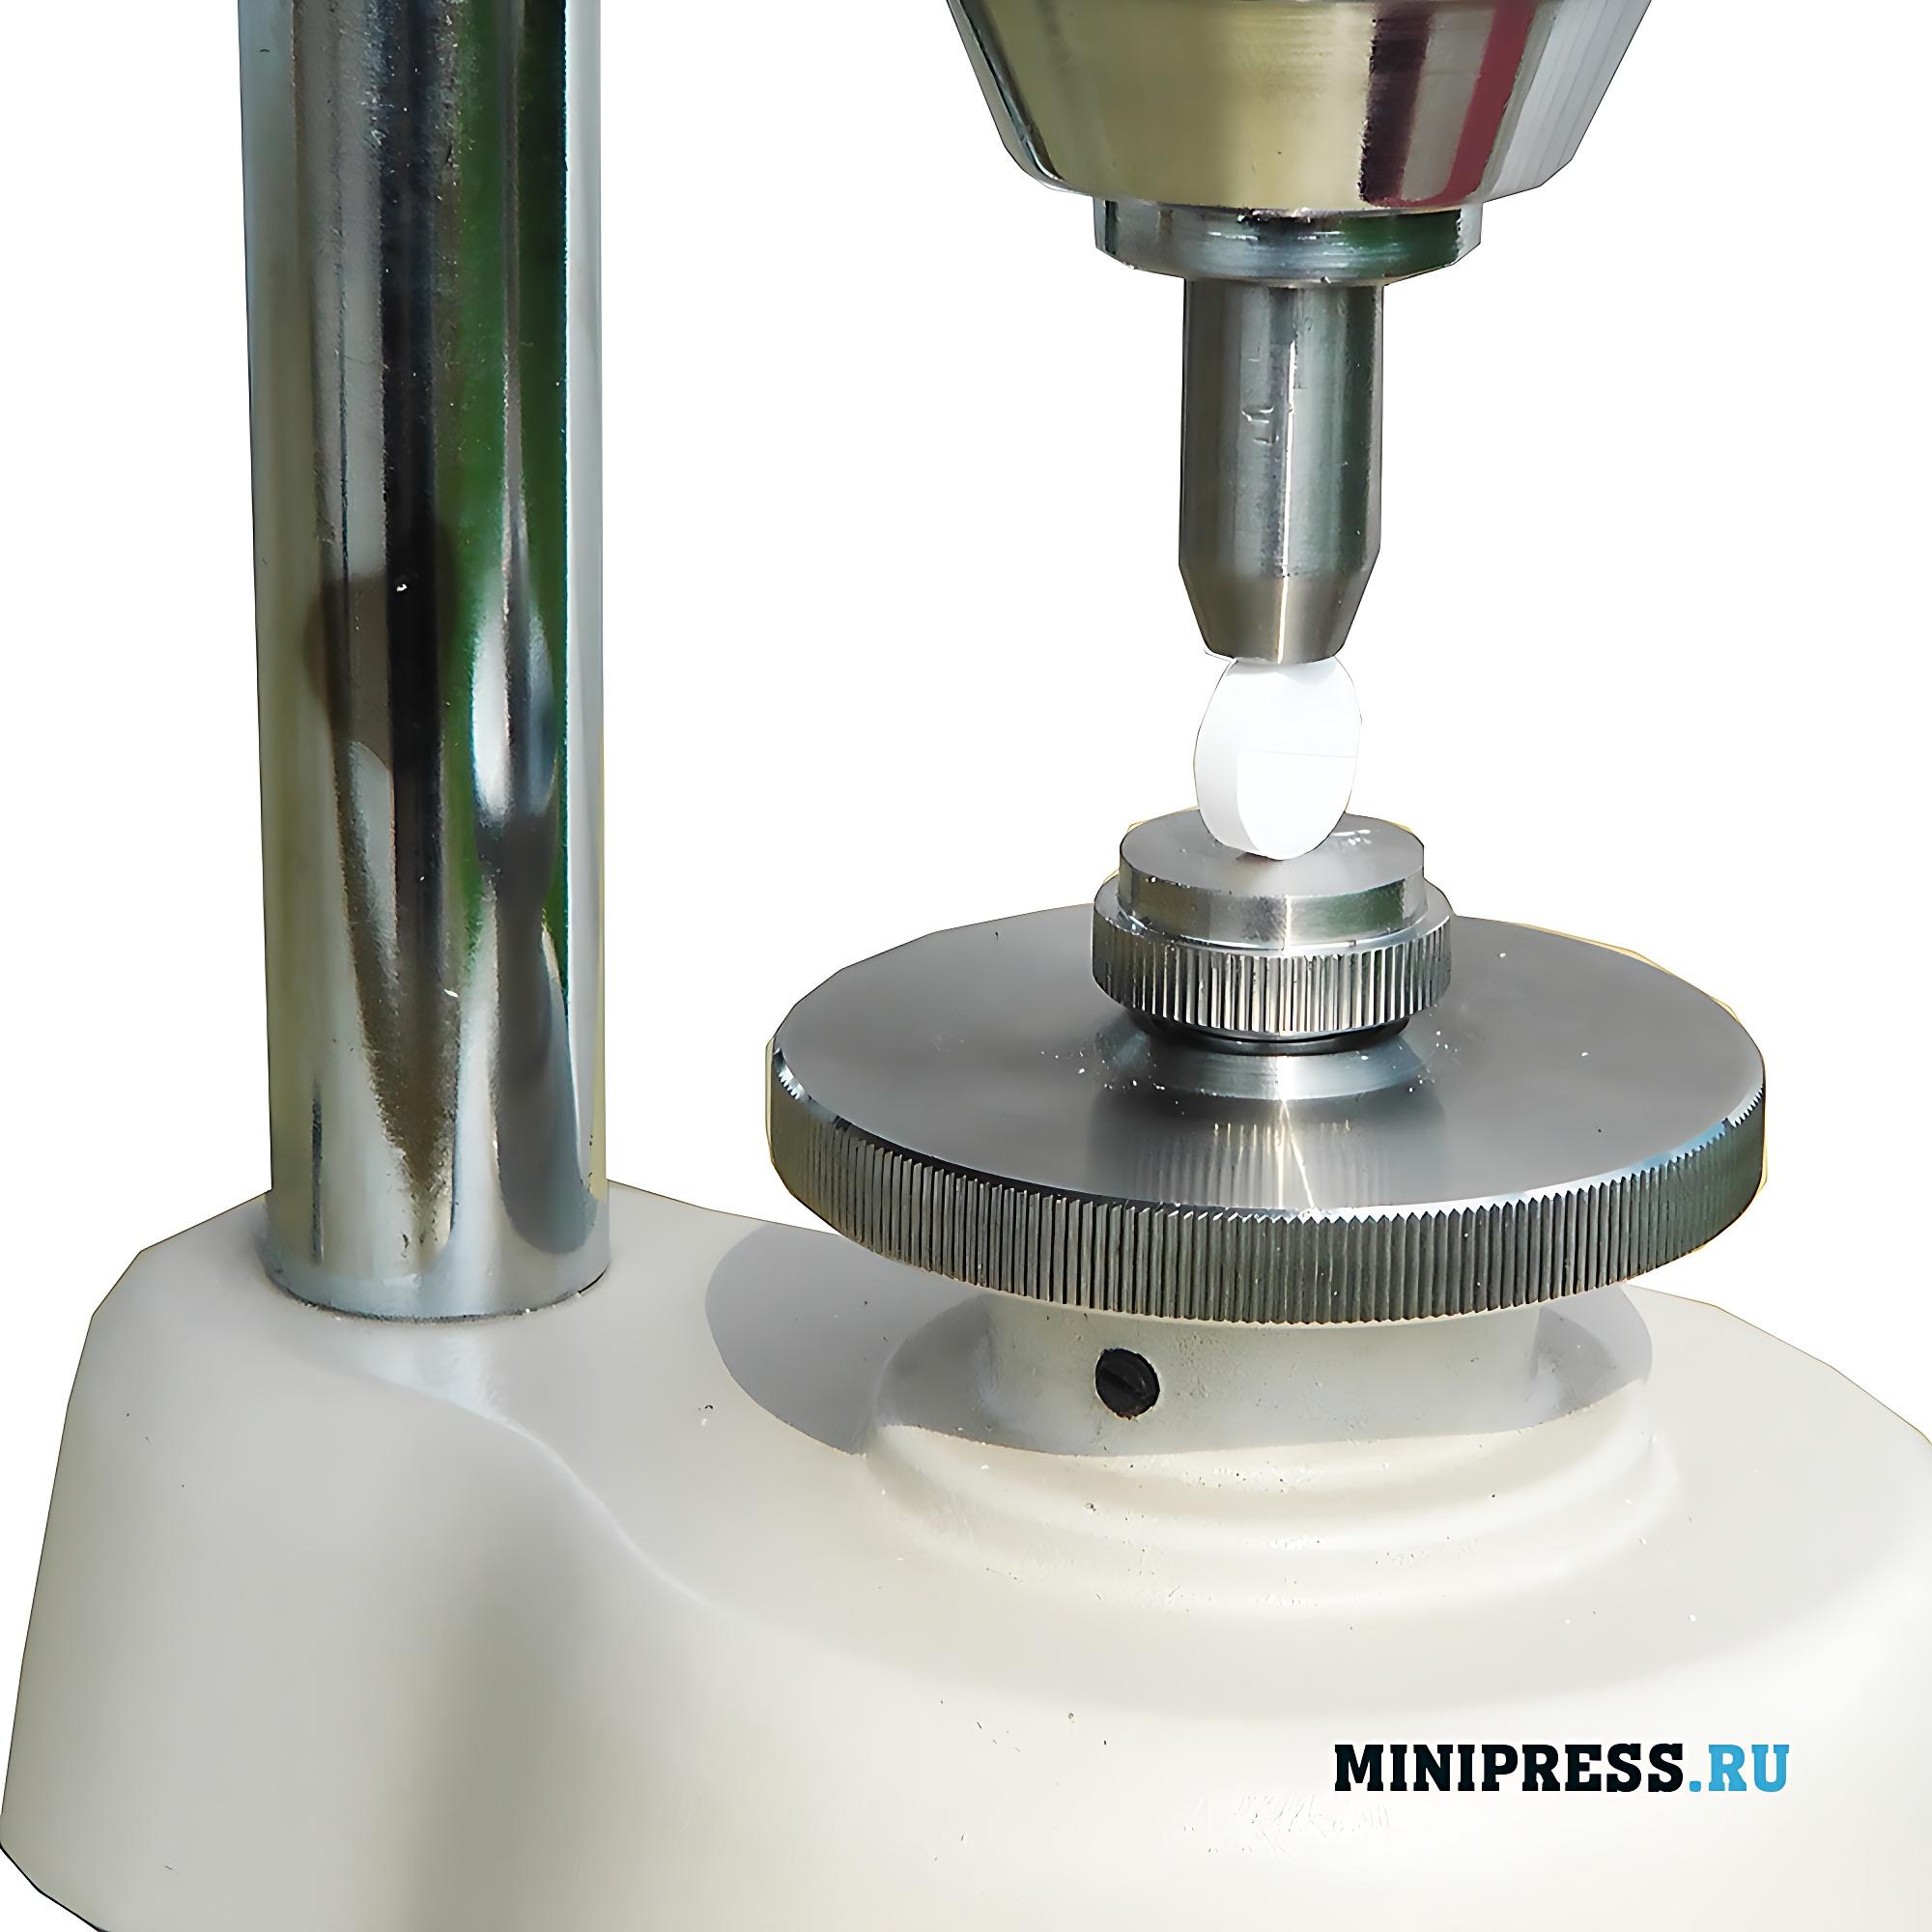 Лабораторный измерительный прибор для определения твердости таблеток и гранул